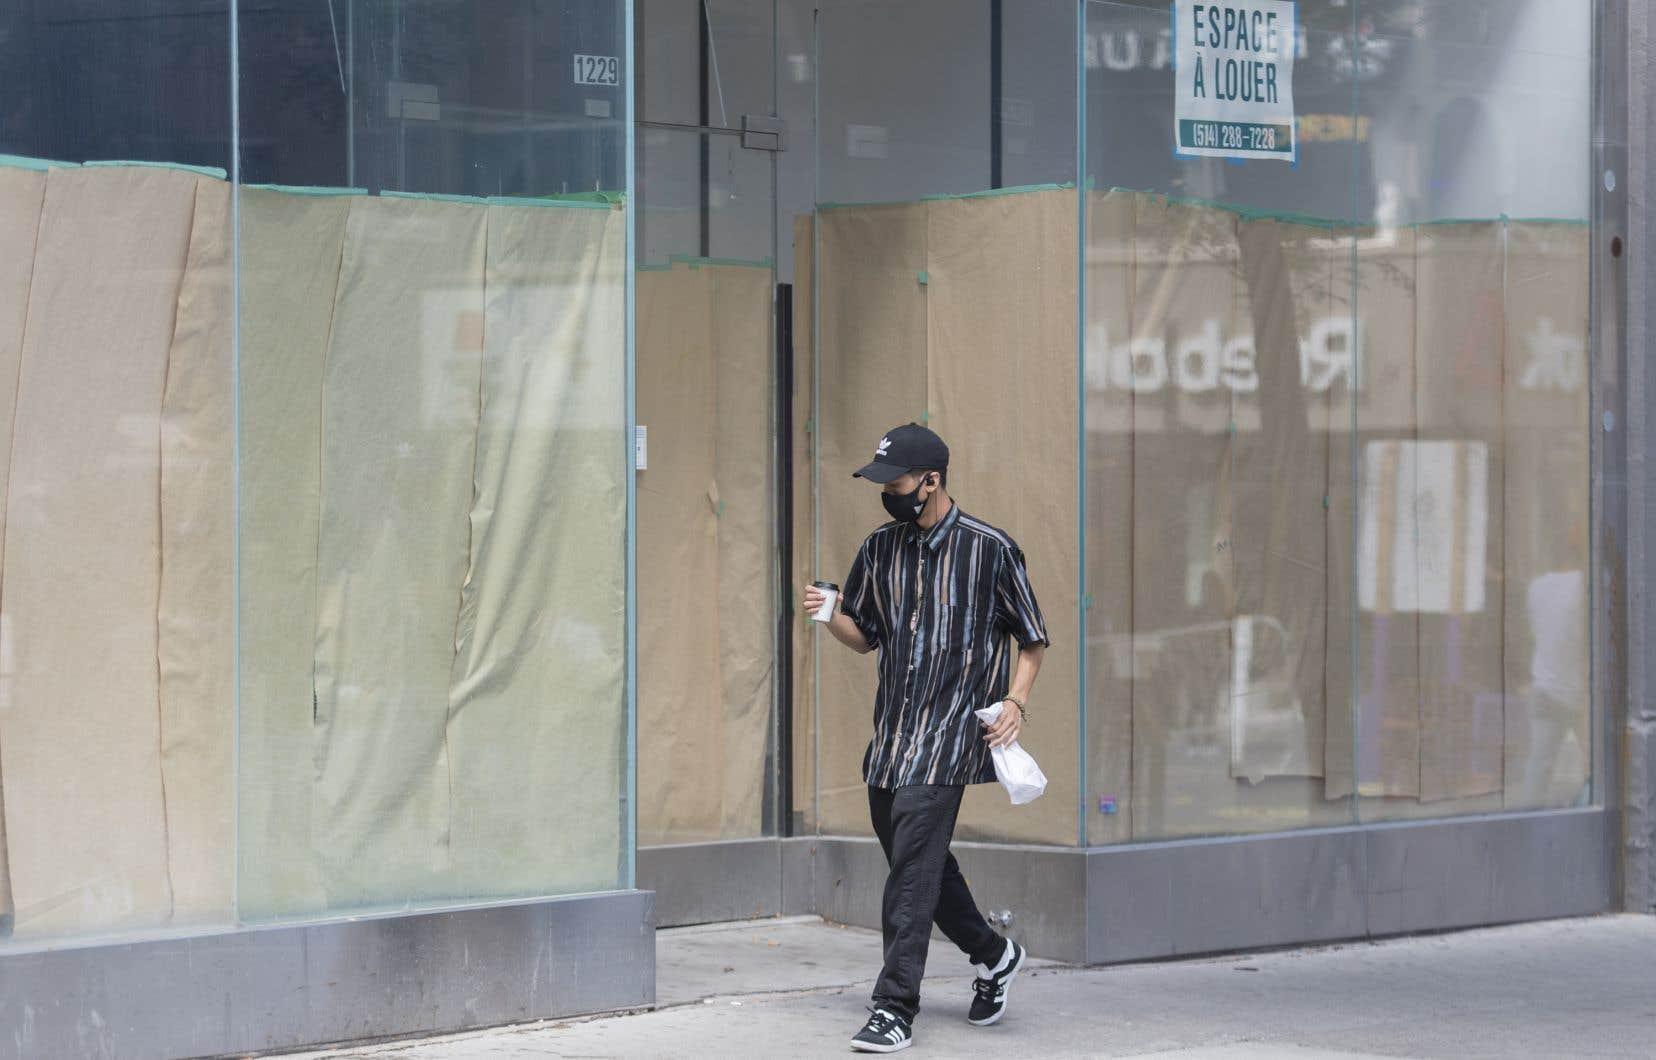 La pandémie de COVID-19 a conduit à la fermeture d'entreprises non essentielles et a ralenti l'économie.